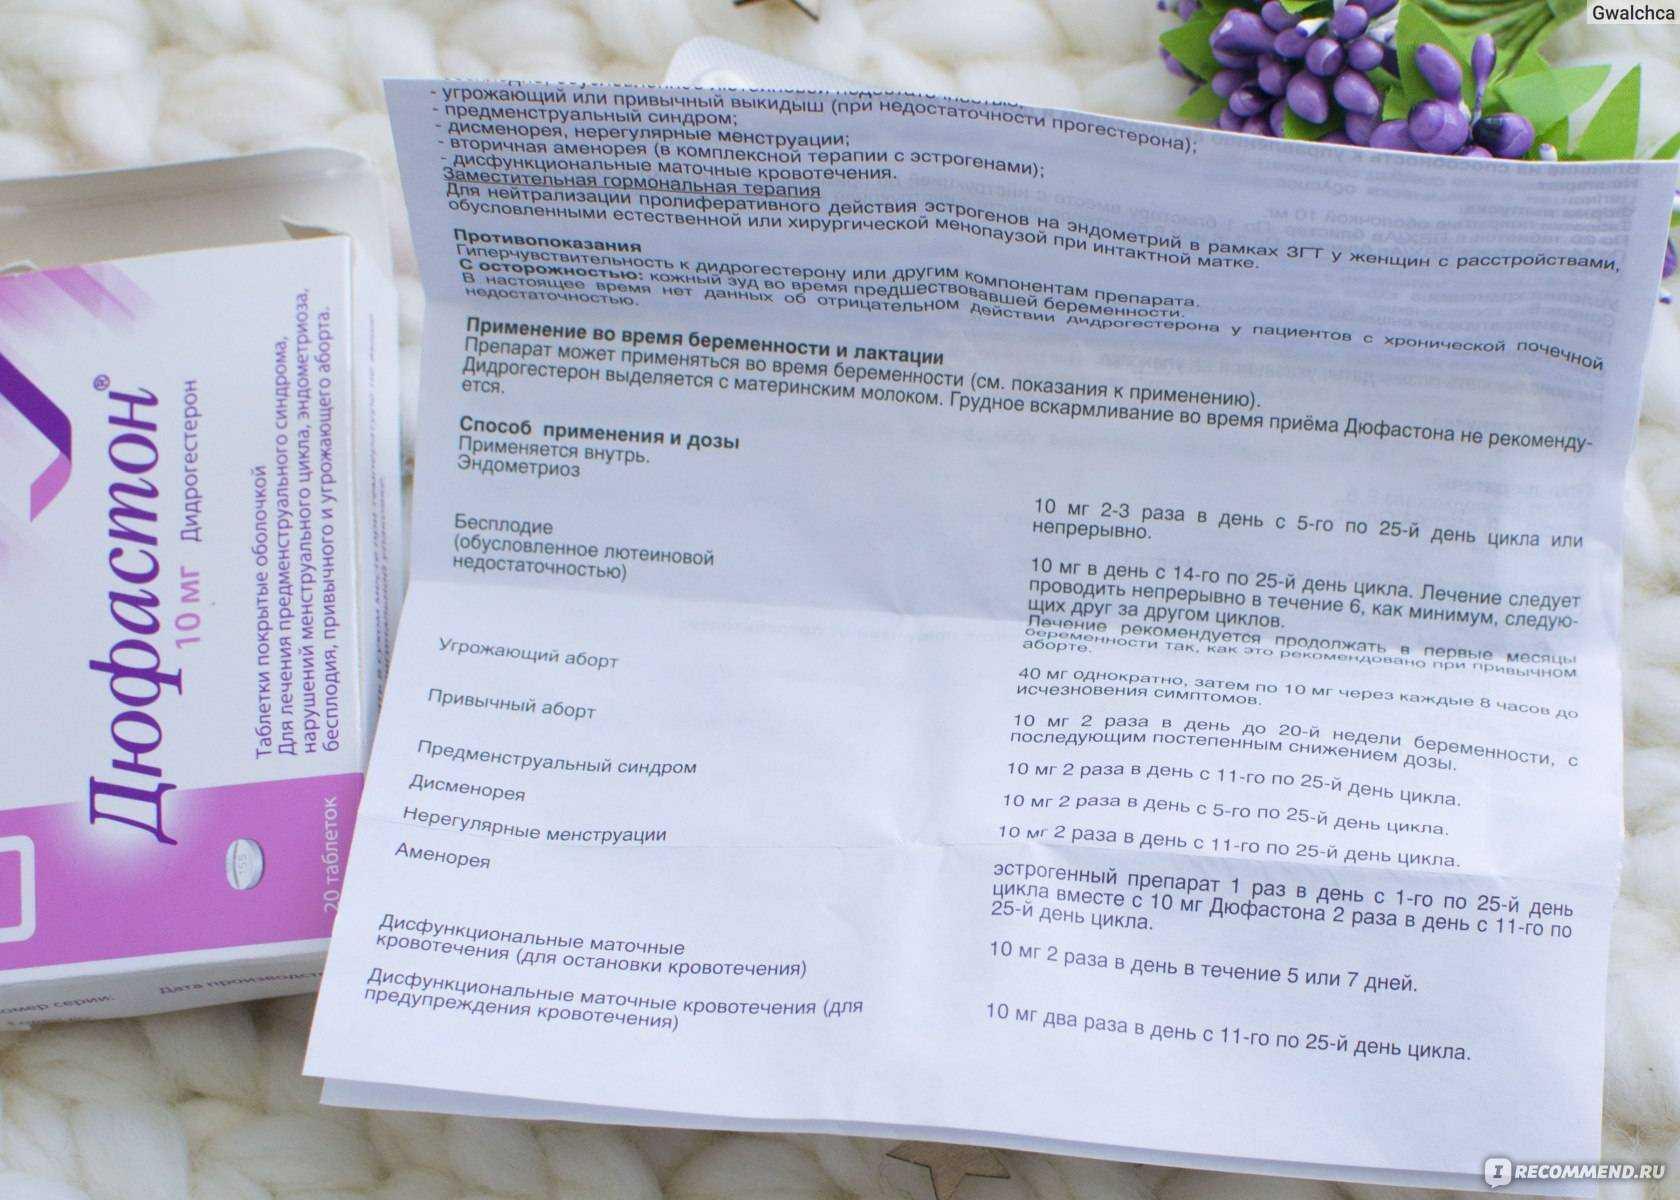 Дюфастон при беременности на ранних сроках: для чего назначают препарат и как его отменять